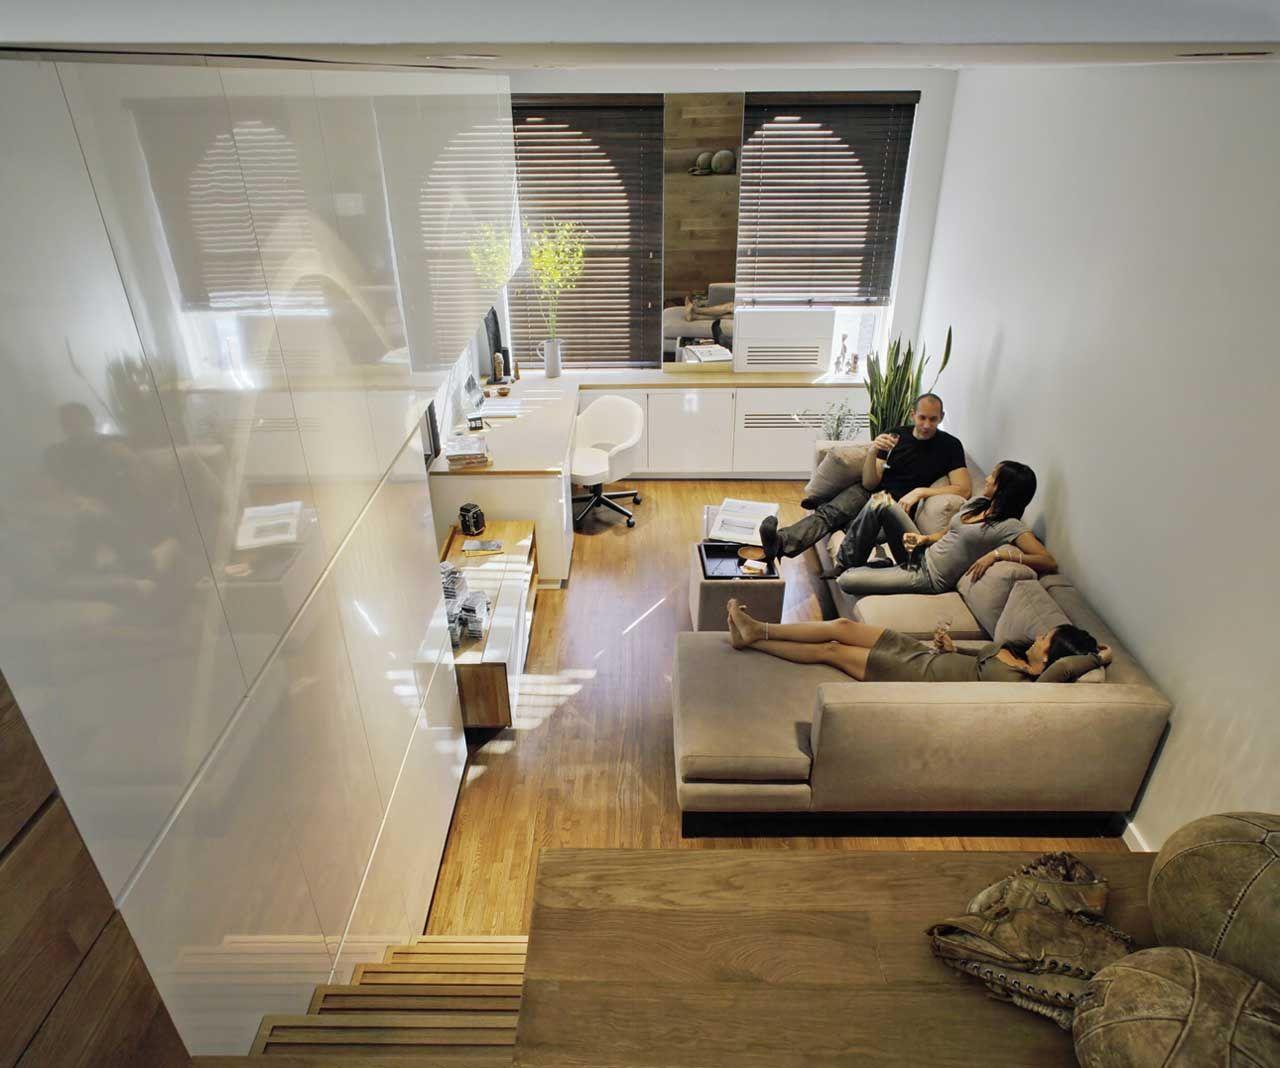 Desain Ruang Keluarga Sempit Sederhana Check More At Http